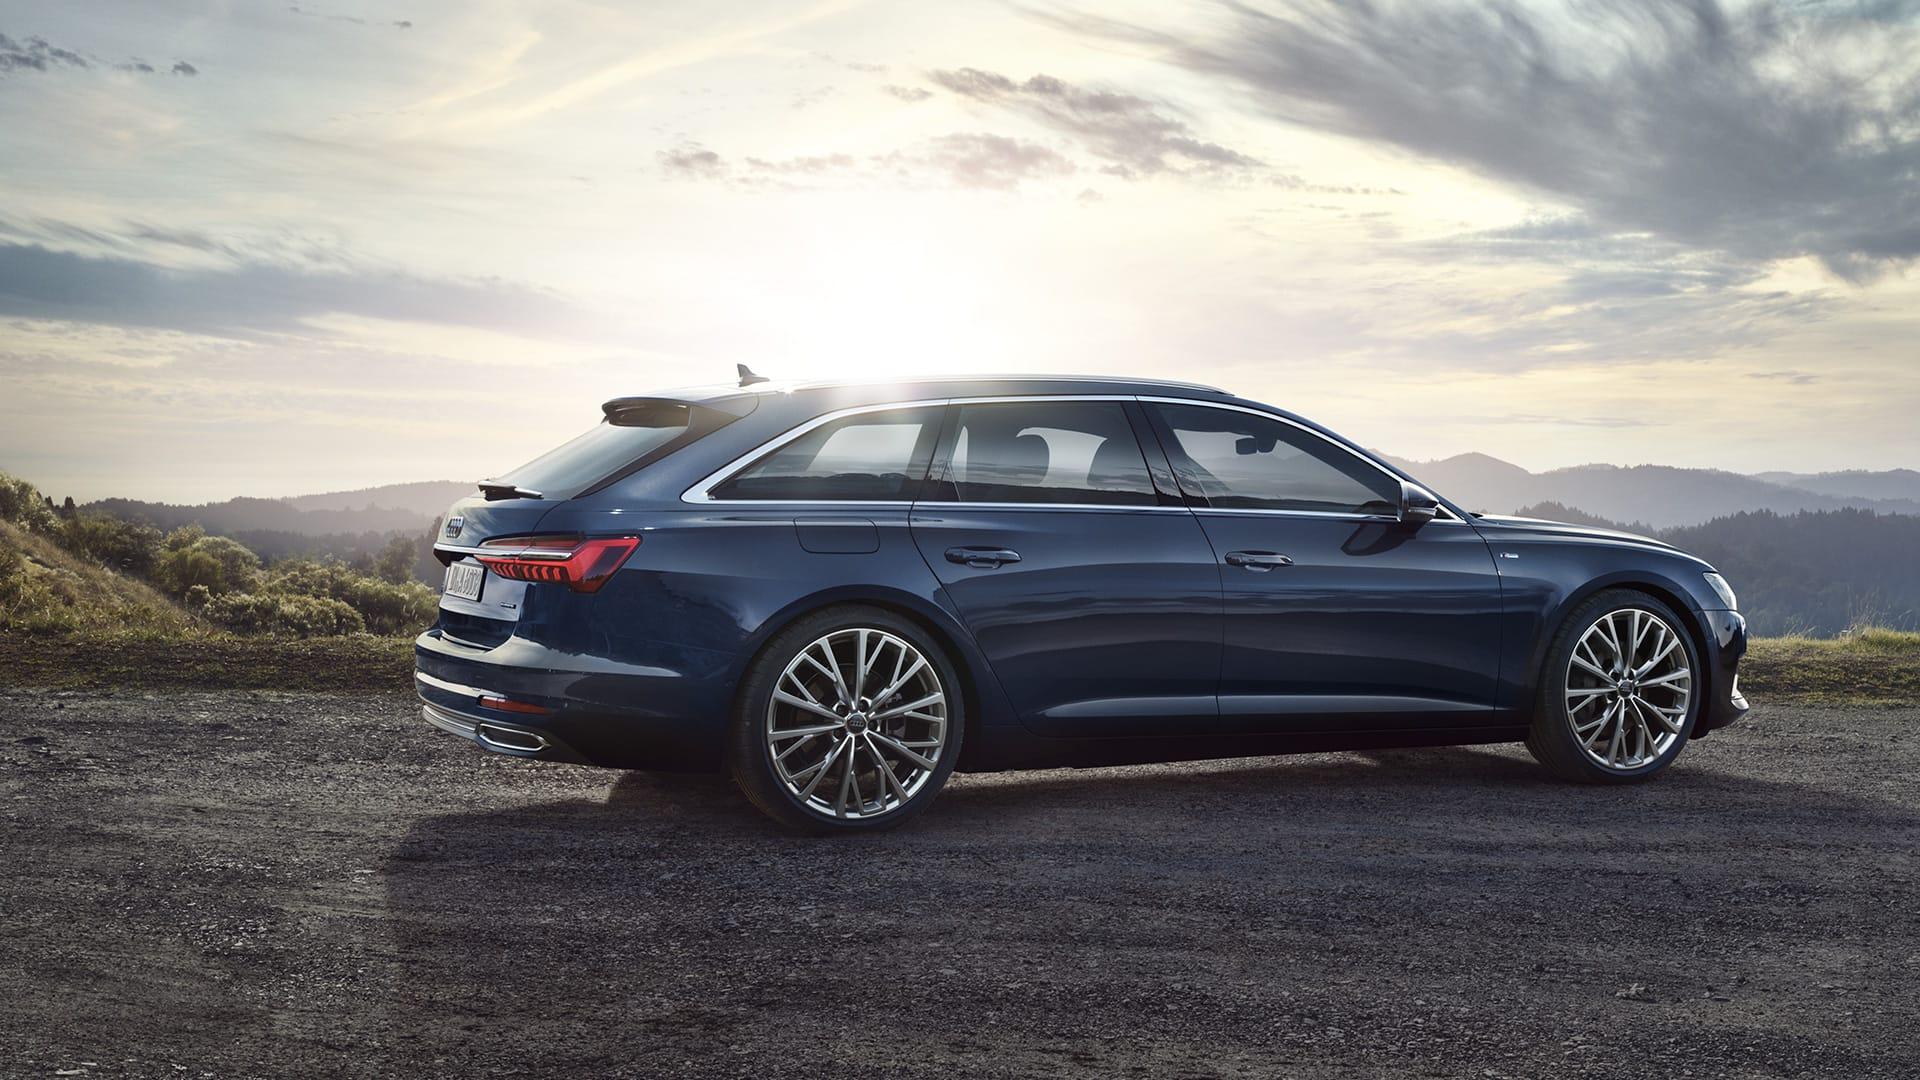 новости Audi Audi в беларуси Audi беларусь